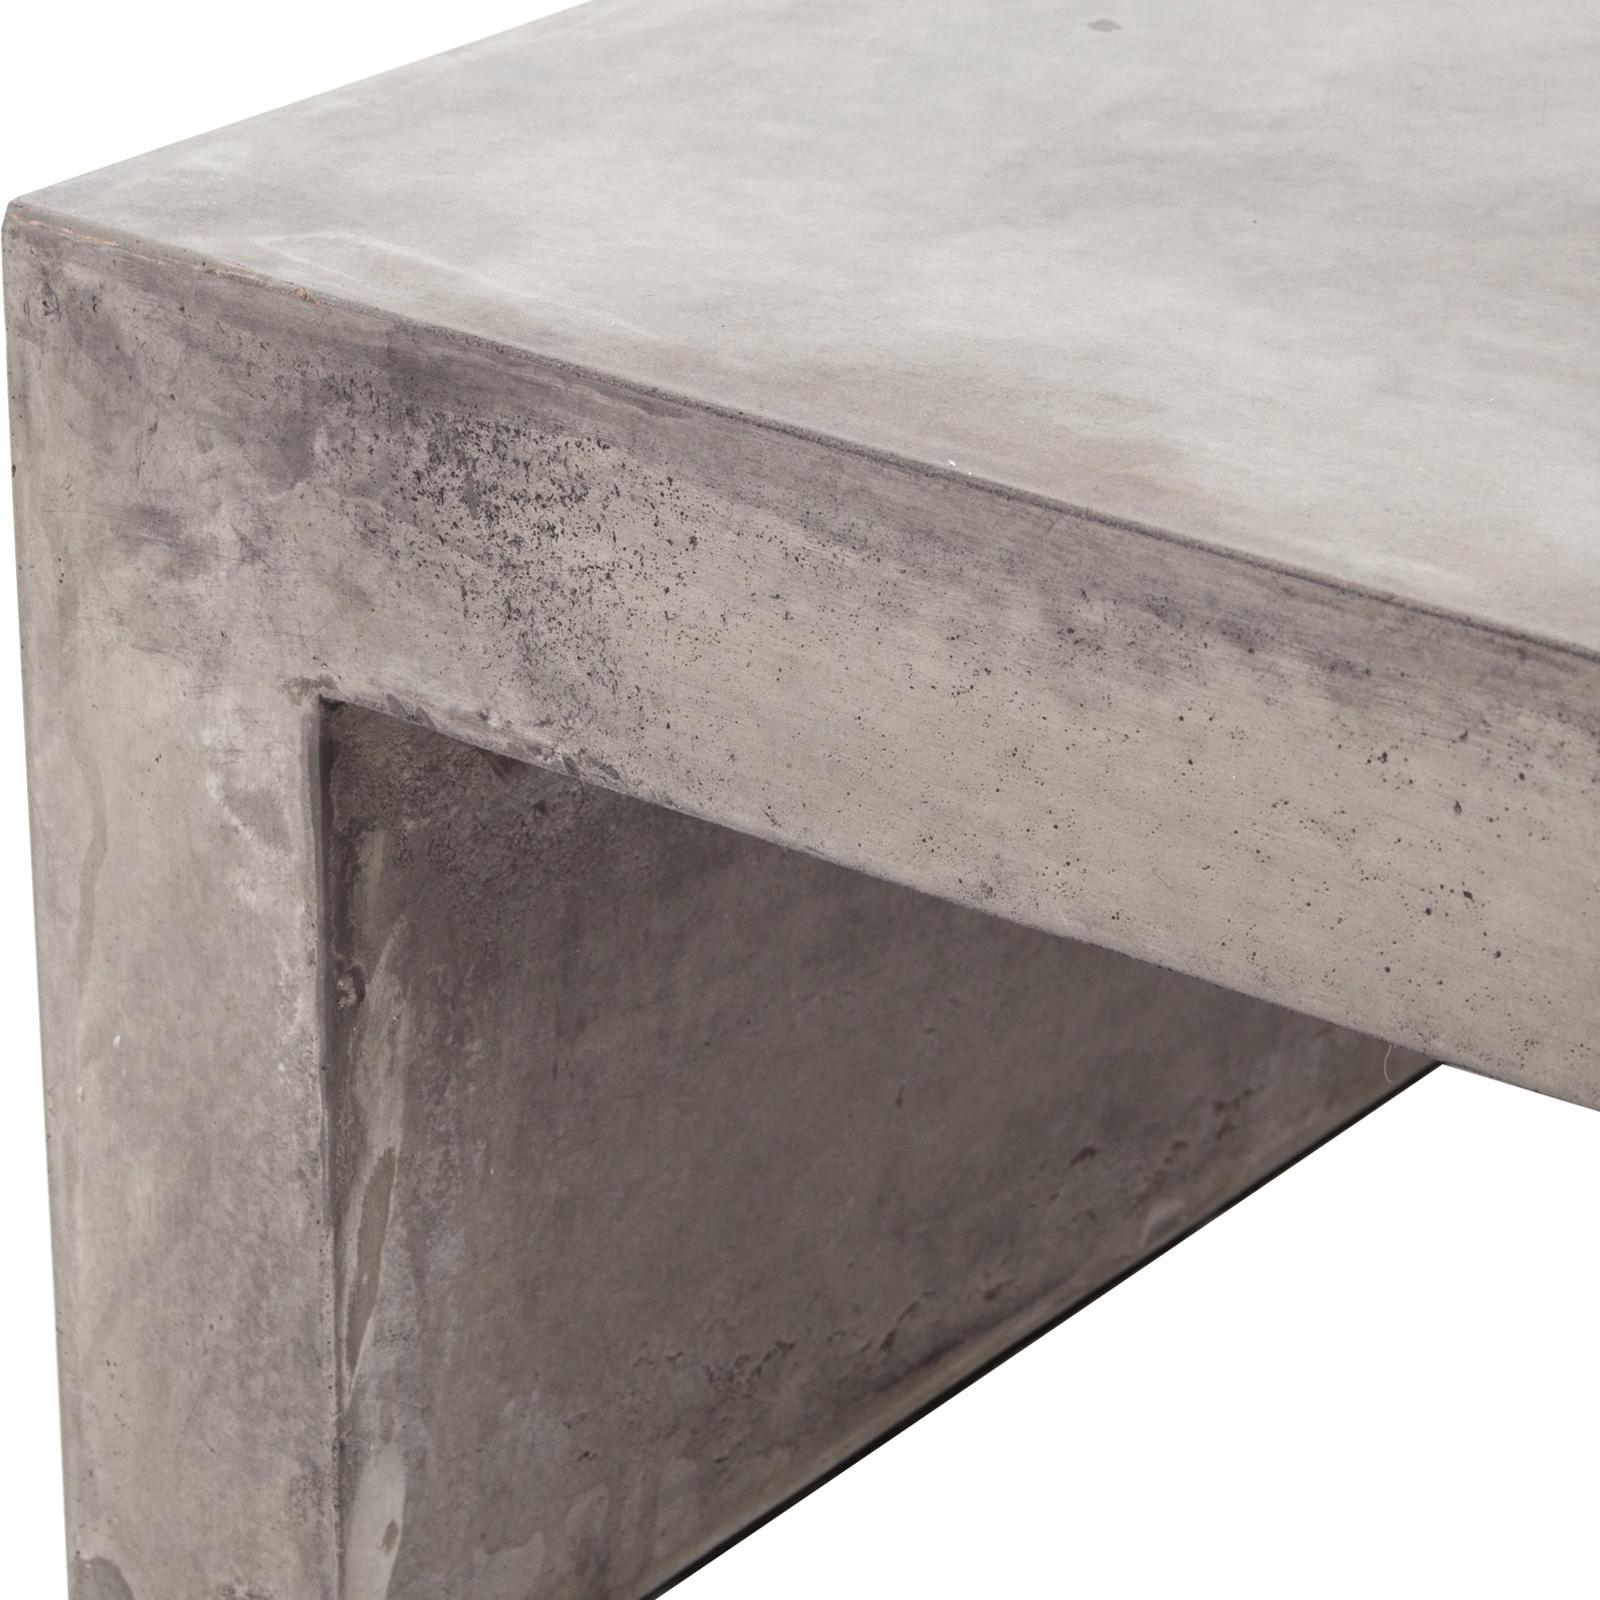 Hanz Industrial Loft Grey Block Concrete Coffee Table